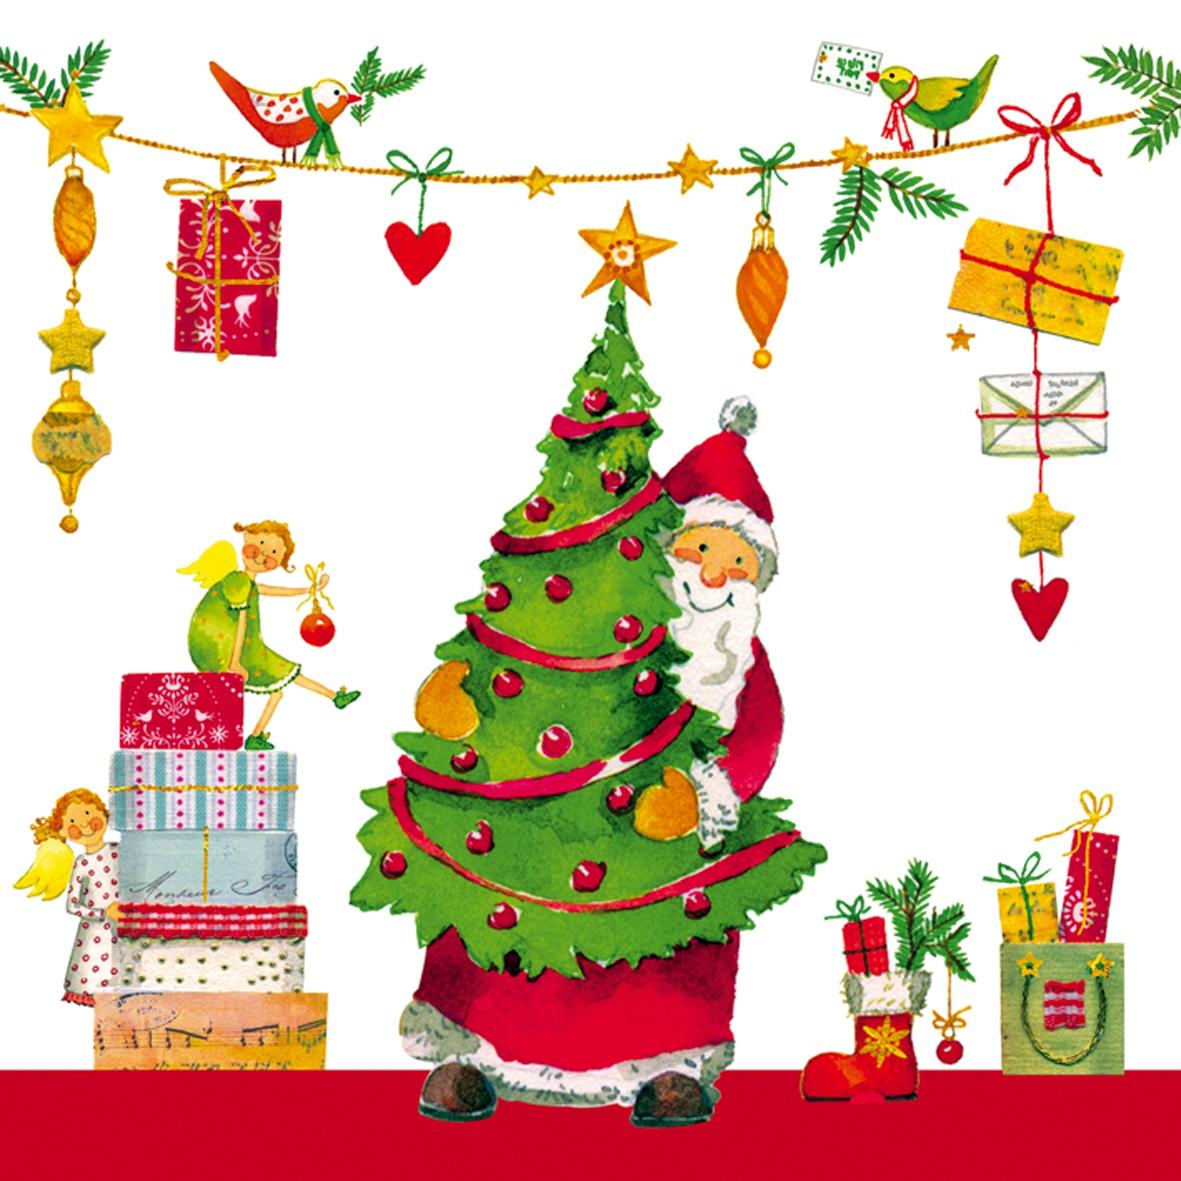 Lunch Servietten Gifts are coming,  Weihnachten - Weihnachtsbaum,  Weihnachten - Weihnachtsbaum,  Weihnachten,  lunchservietten